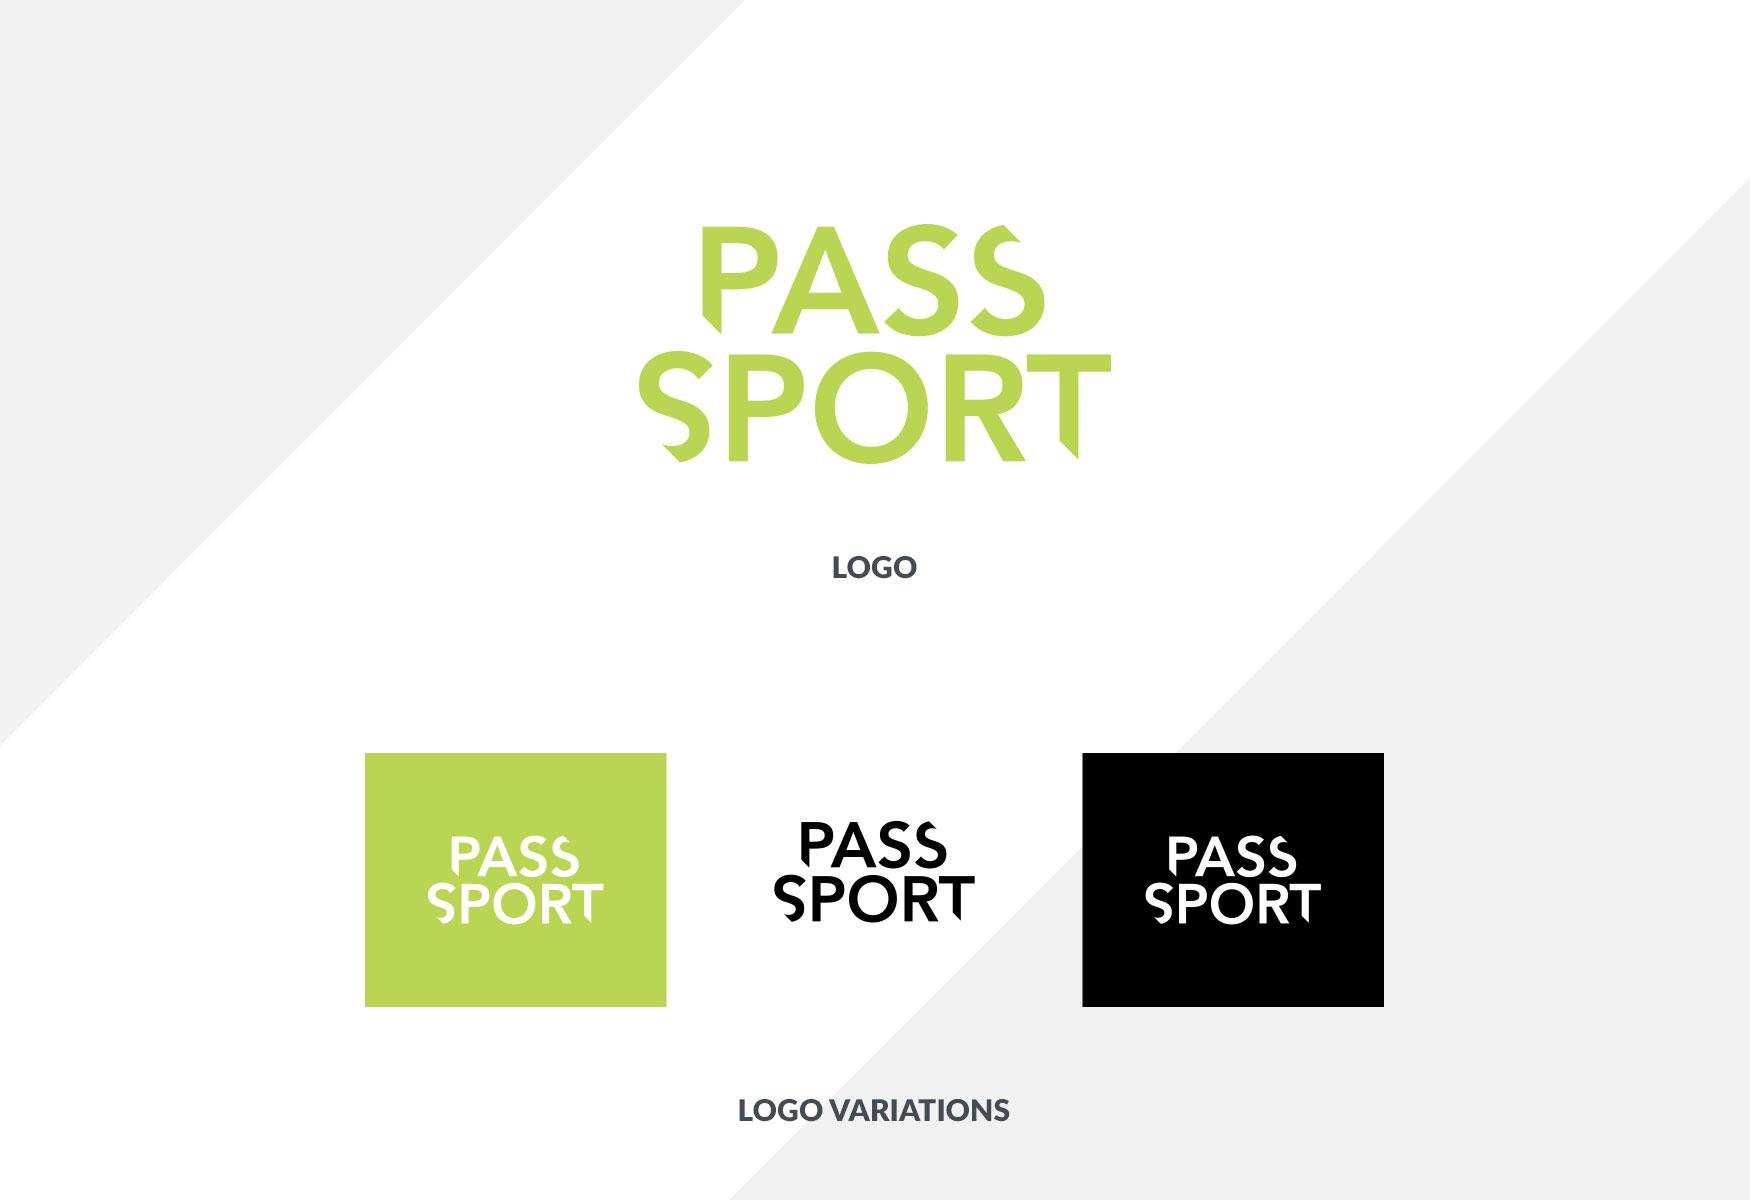 blog introcrea creación de visuales de marca en diseño de marca